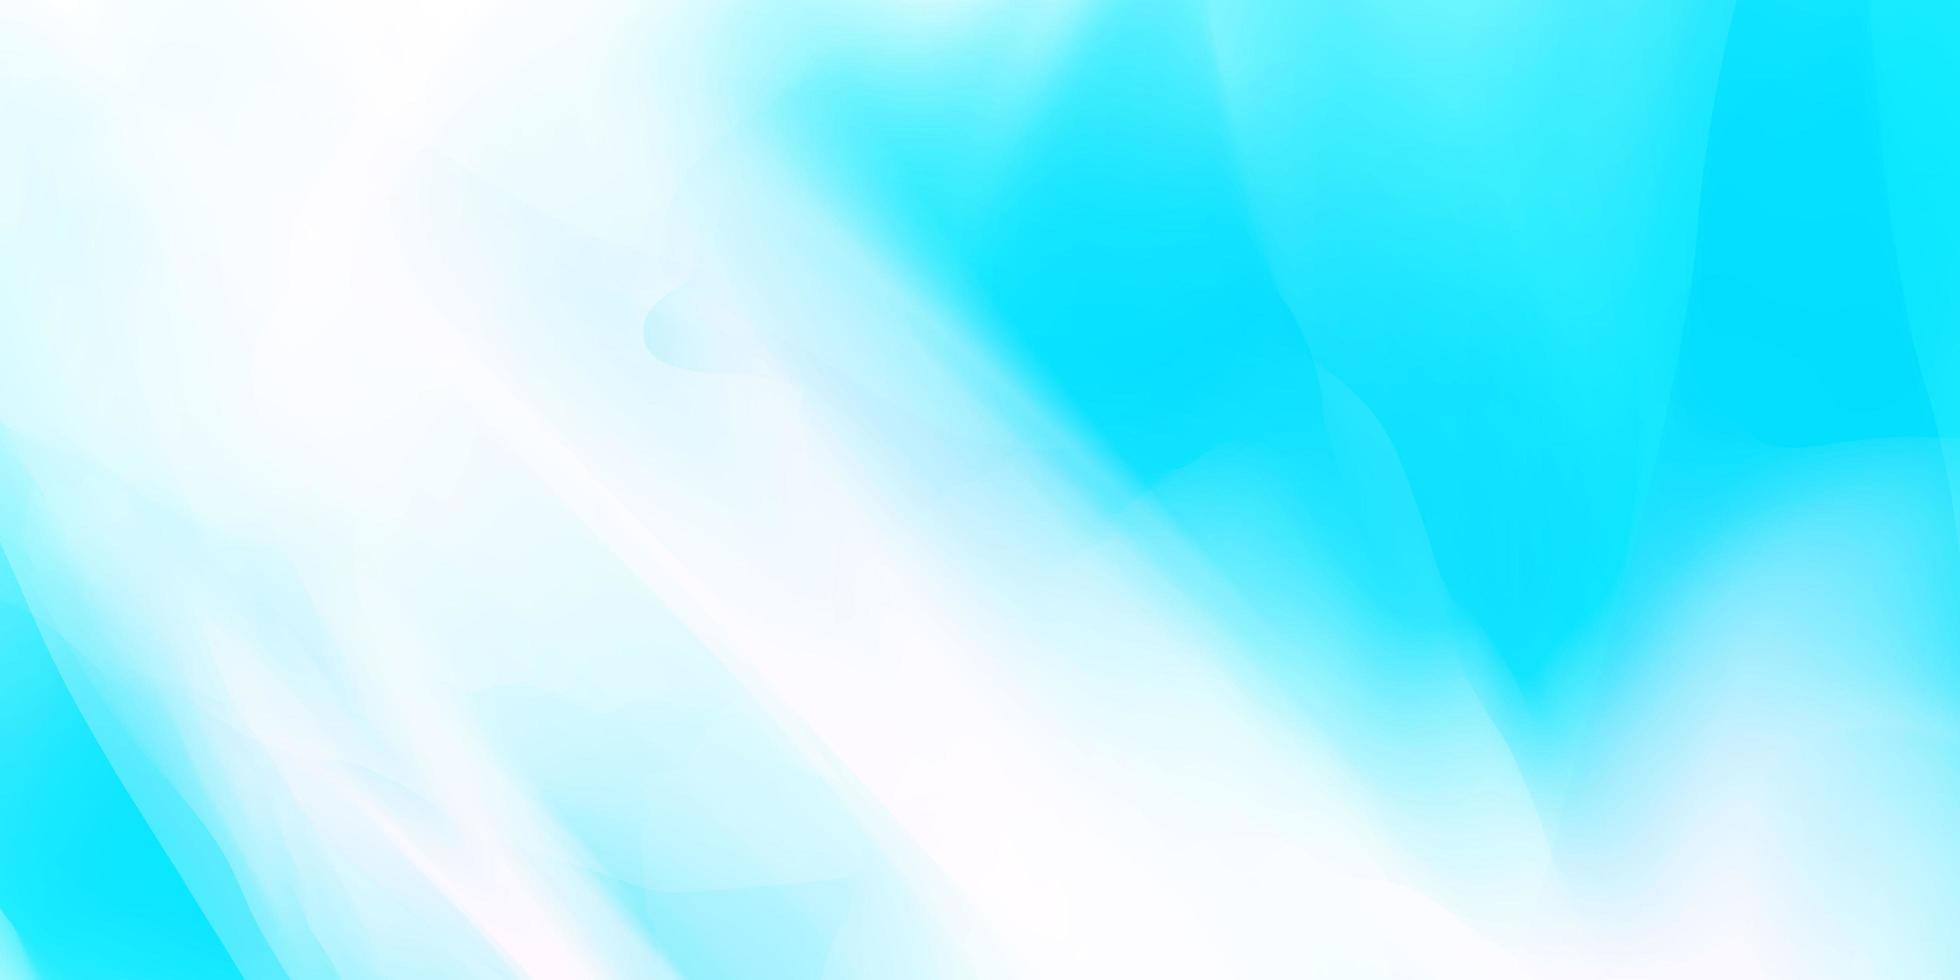 abstrakt pastellblått tonad bakgrundskoncept för din grafiska färgglada design, vektor